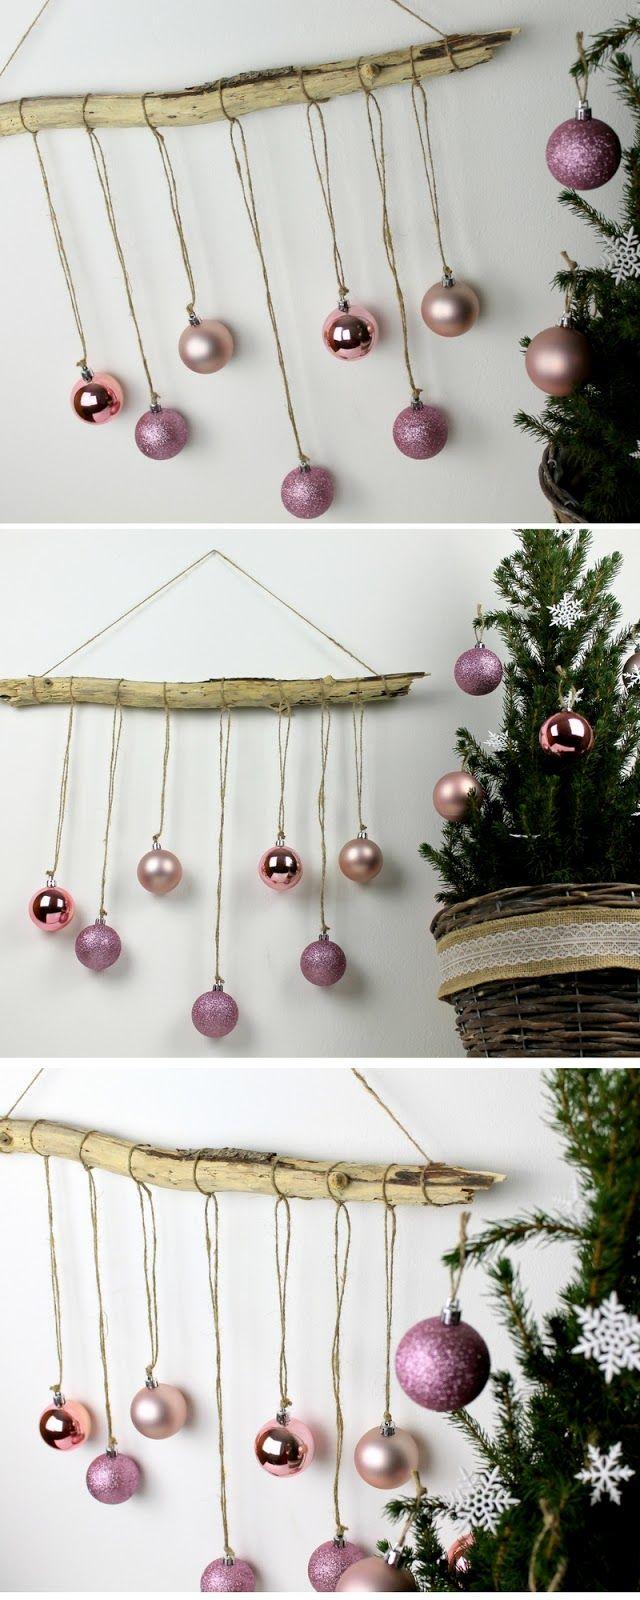 Geburtstagsdeko Selber Machen Anleitung Inspirierend ☆ Diy Ausgefallene Weihnachtliche Wanddekoration Aus